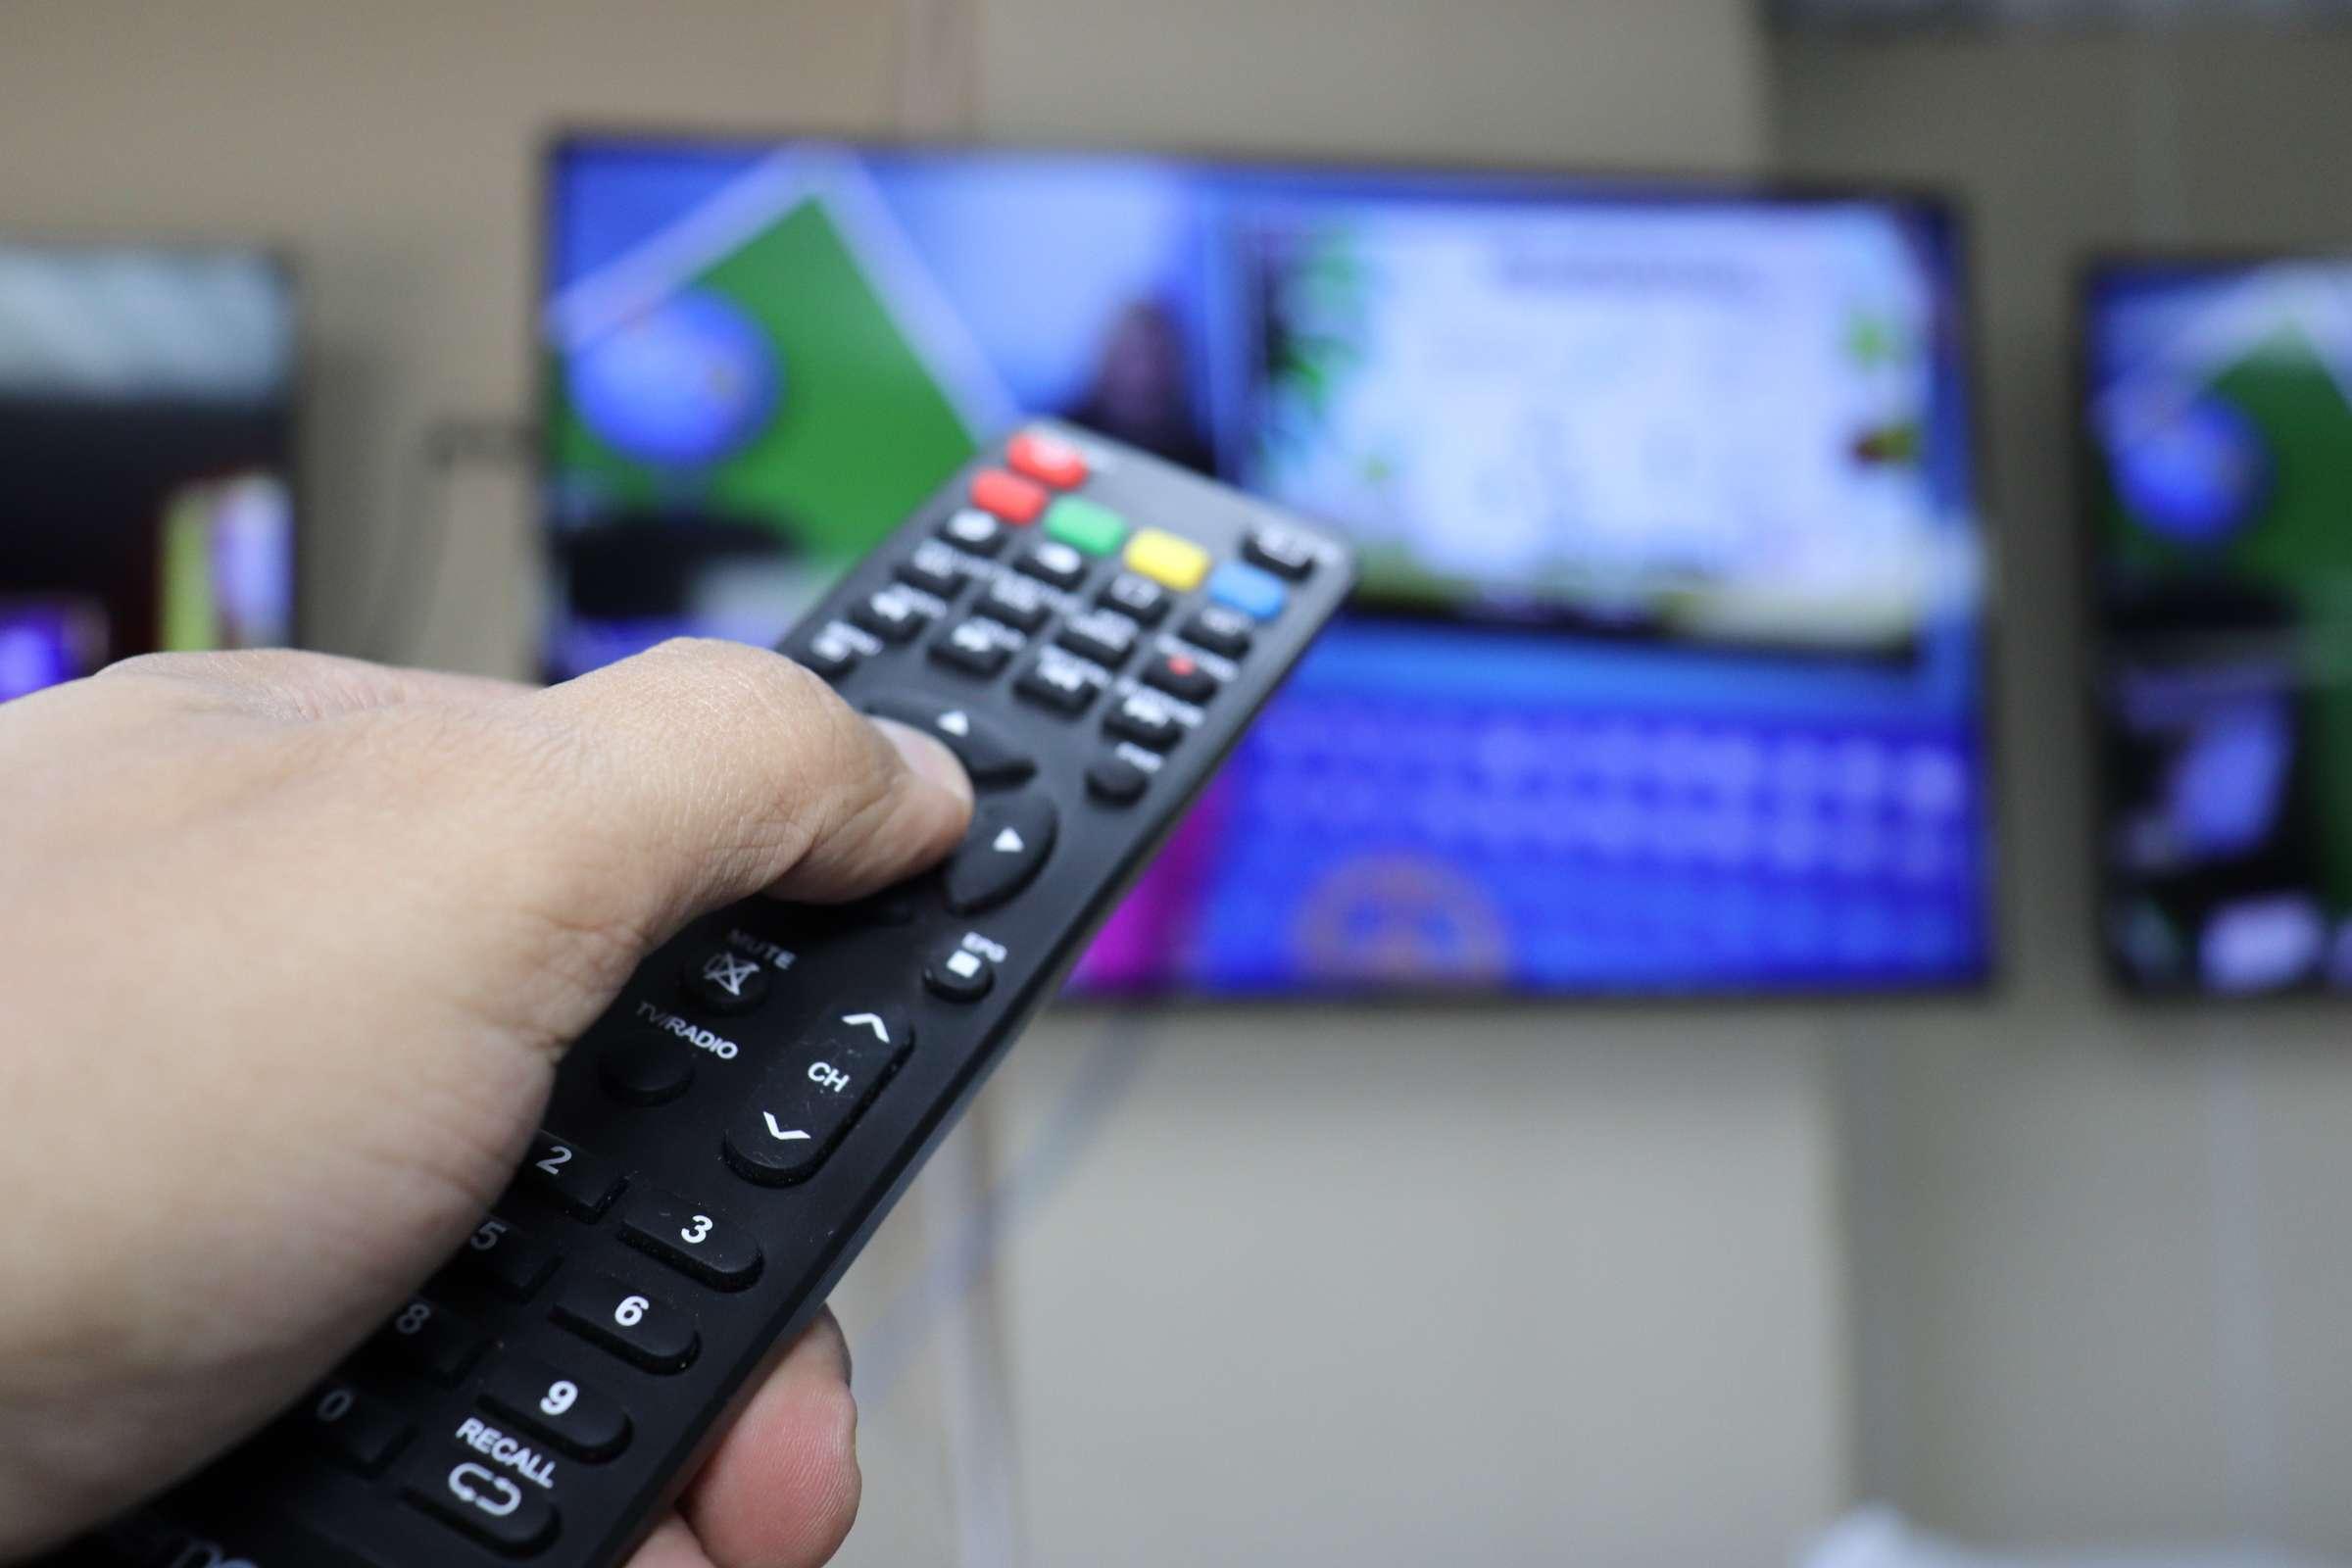 La  ASEP informó que actualmente no se ha logrado cumplir que el 90 por ciento de los hogares de la Fase 1 cuenten con los receptores o cajillas decodificadoras para recibir las señales digitales.